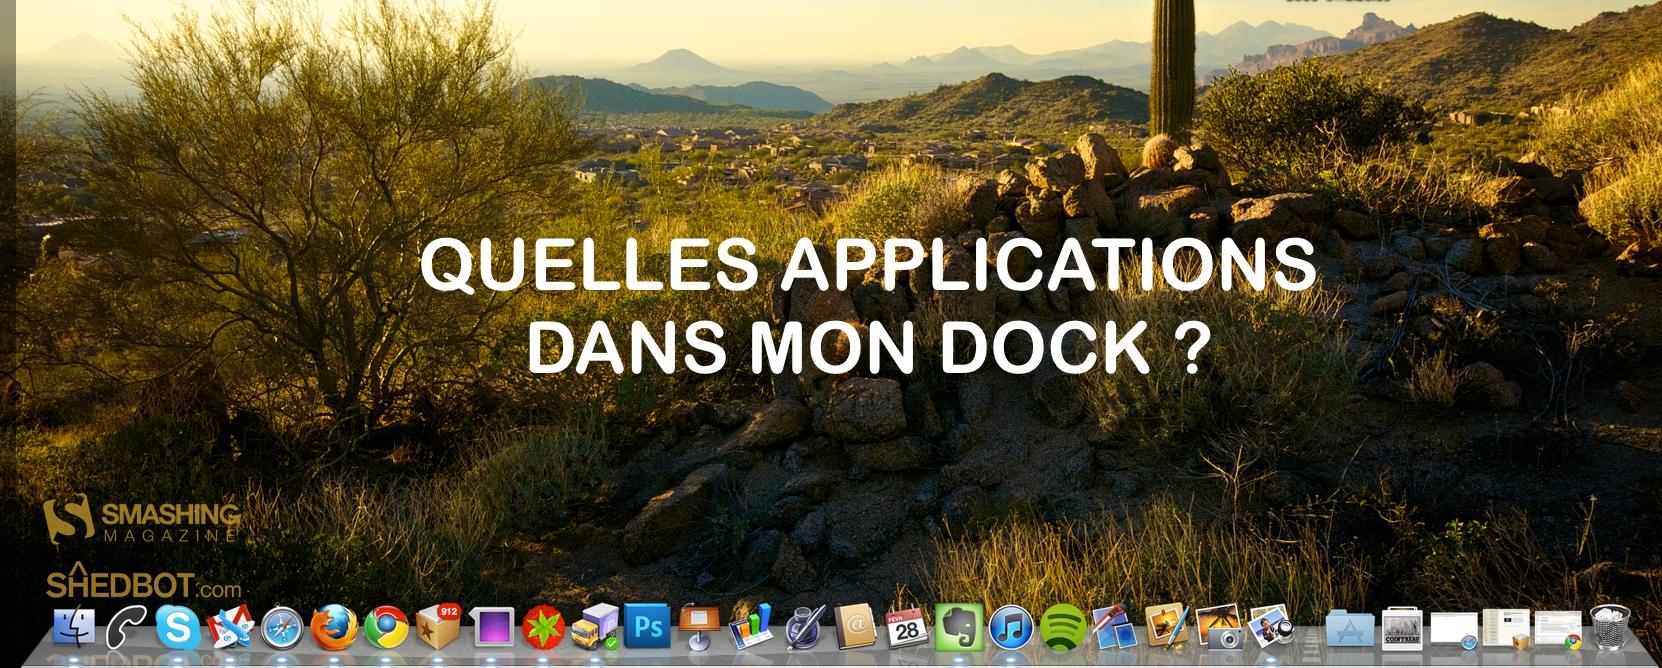 quelles-applications-dock